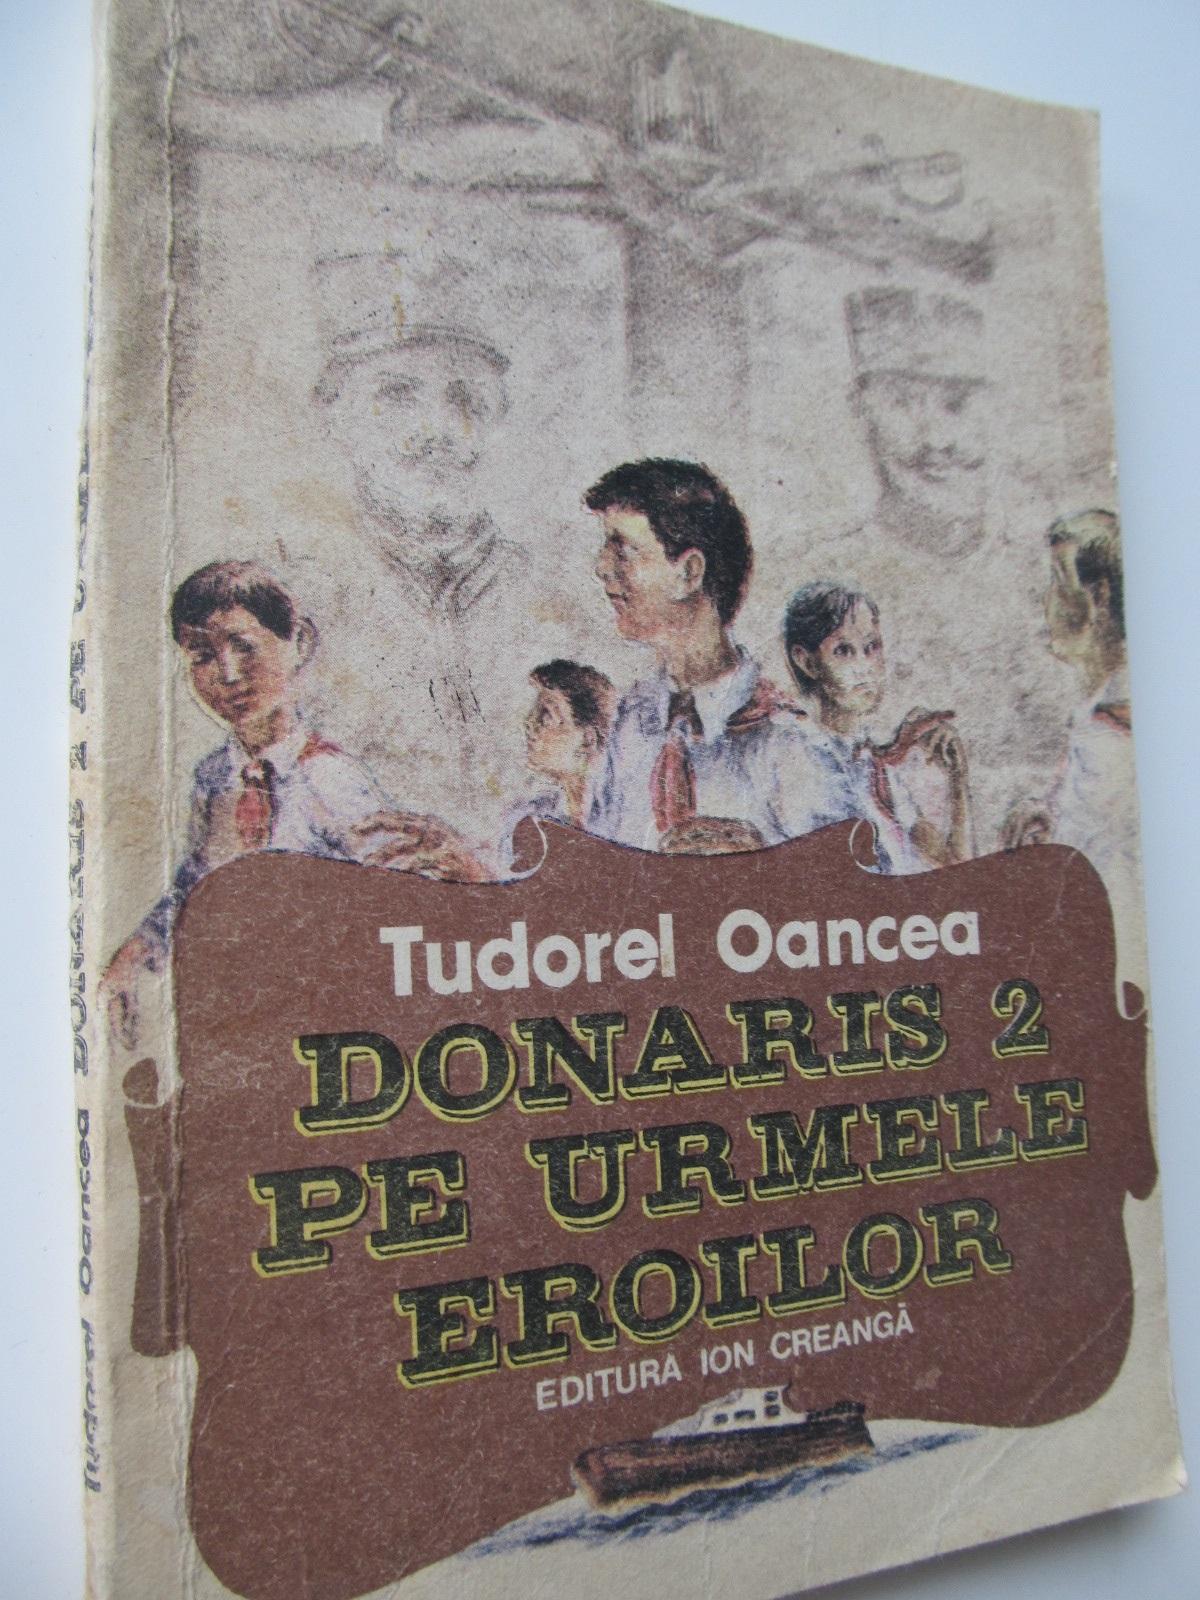 Carte Donaris 2 pe urmele eroilor - Tudorel Oancea